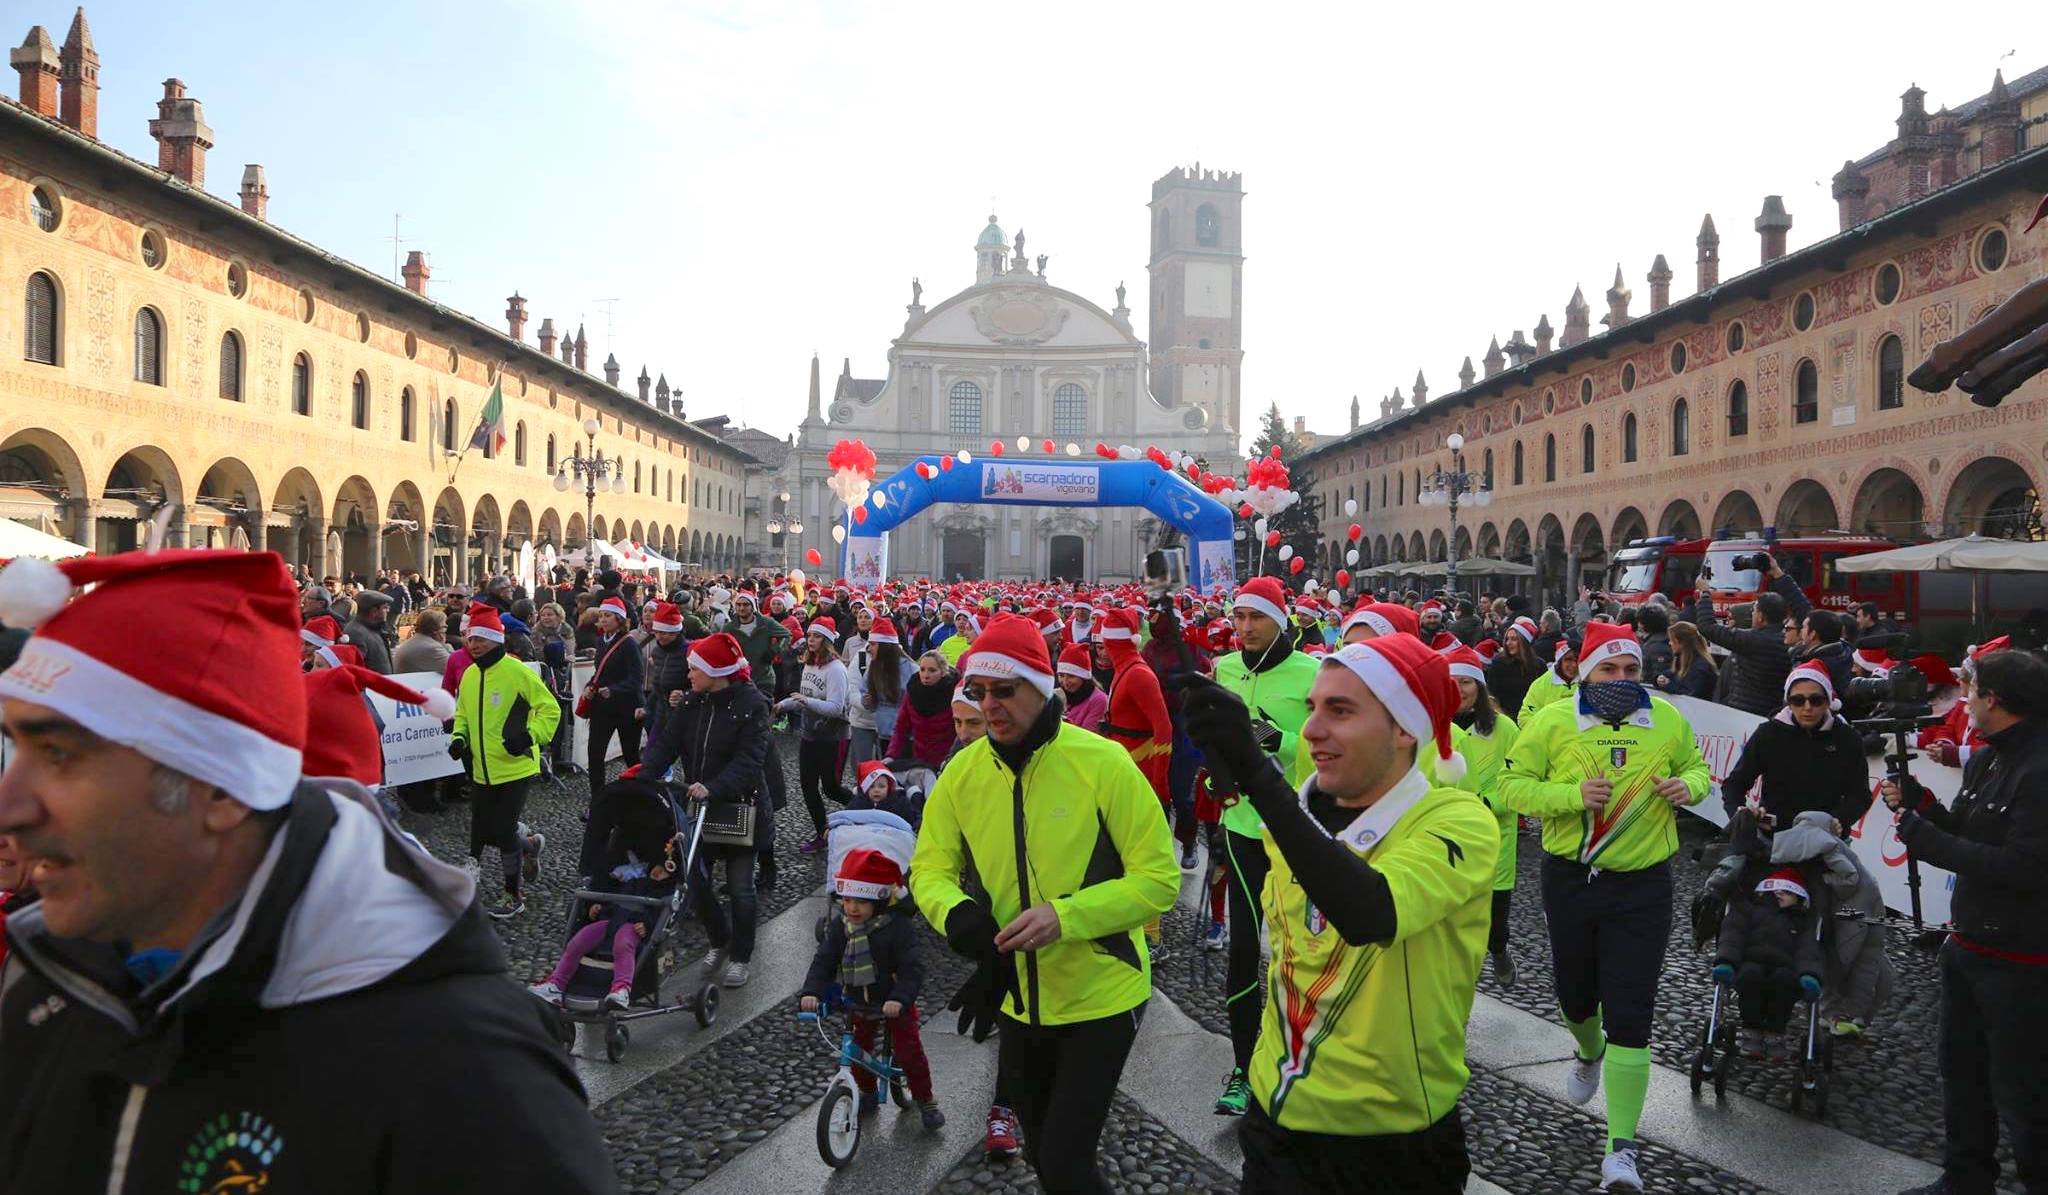 Domenica 17 dicembre torna in Piazza Ducale la 4^ Scarpadoro di Babbo Natale!